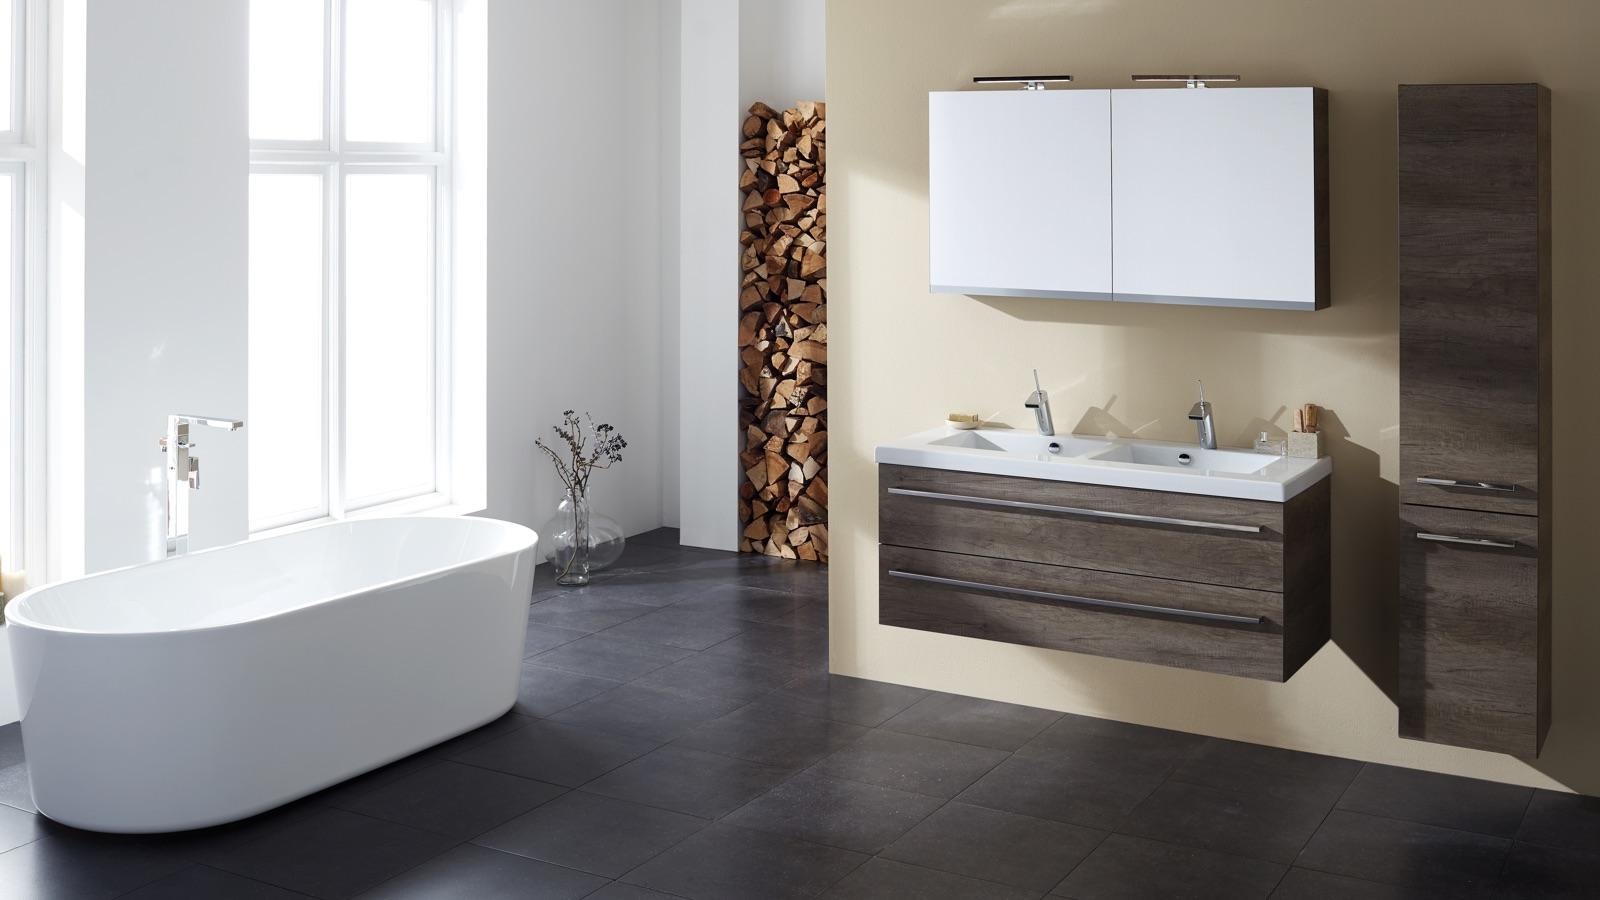 stijl-badkamer-inspiratie-zwart-bruine-badkamer-mijnbad-in-stijl